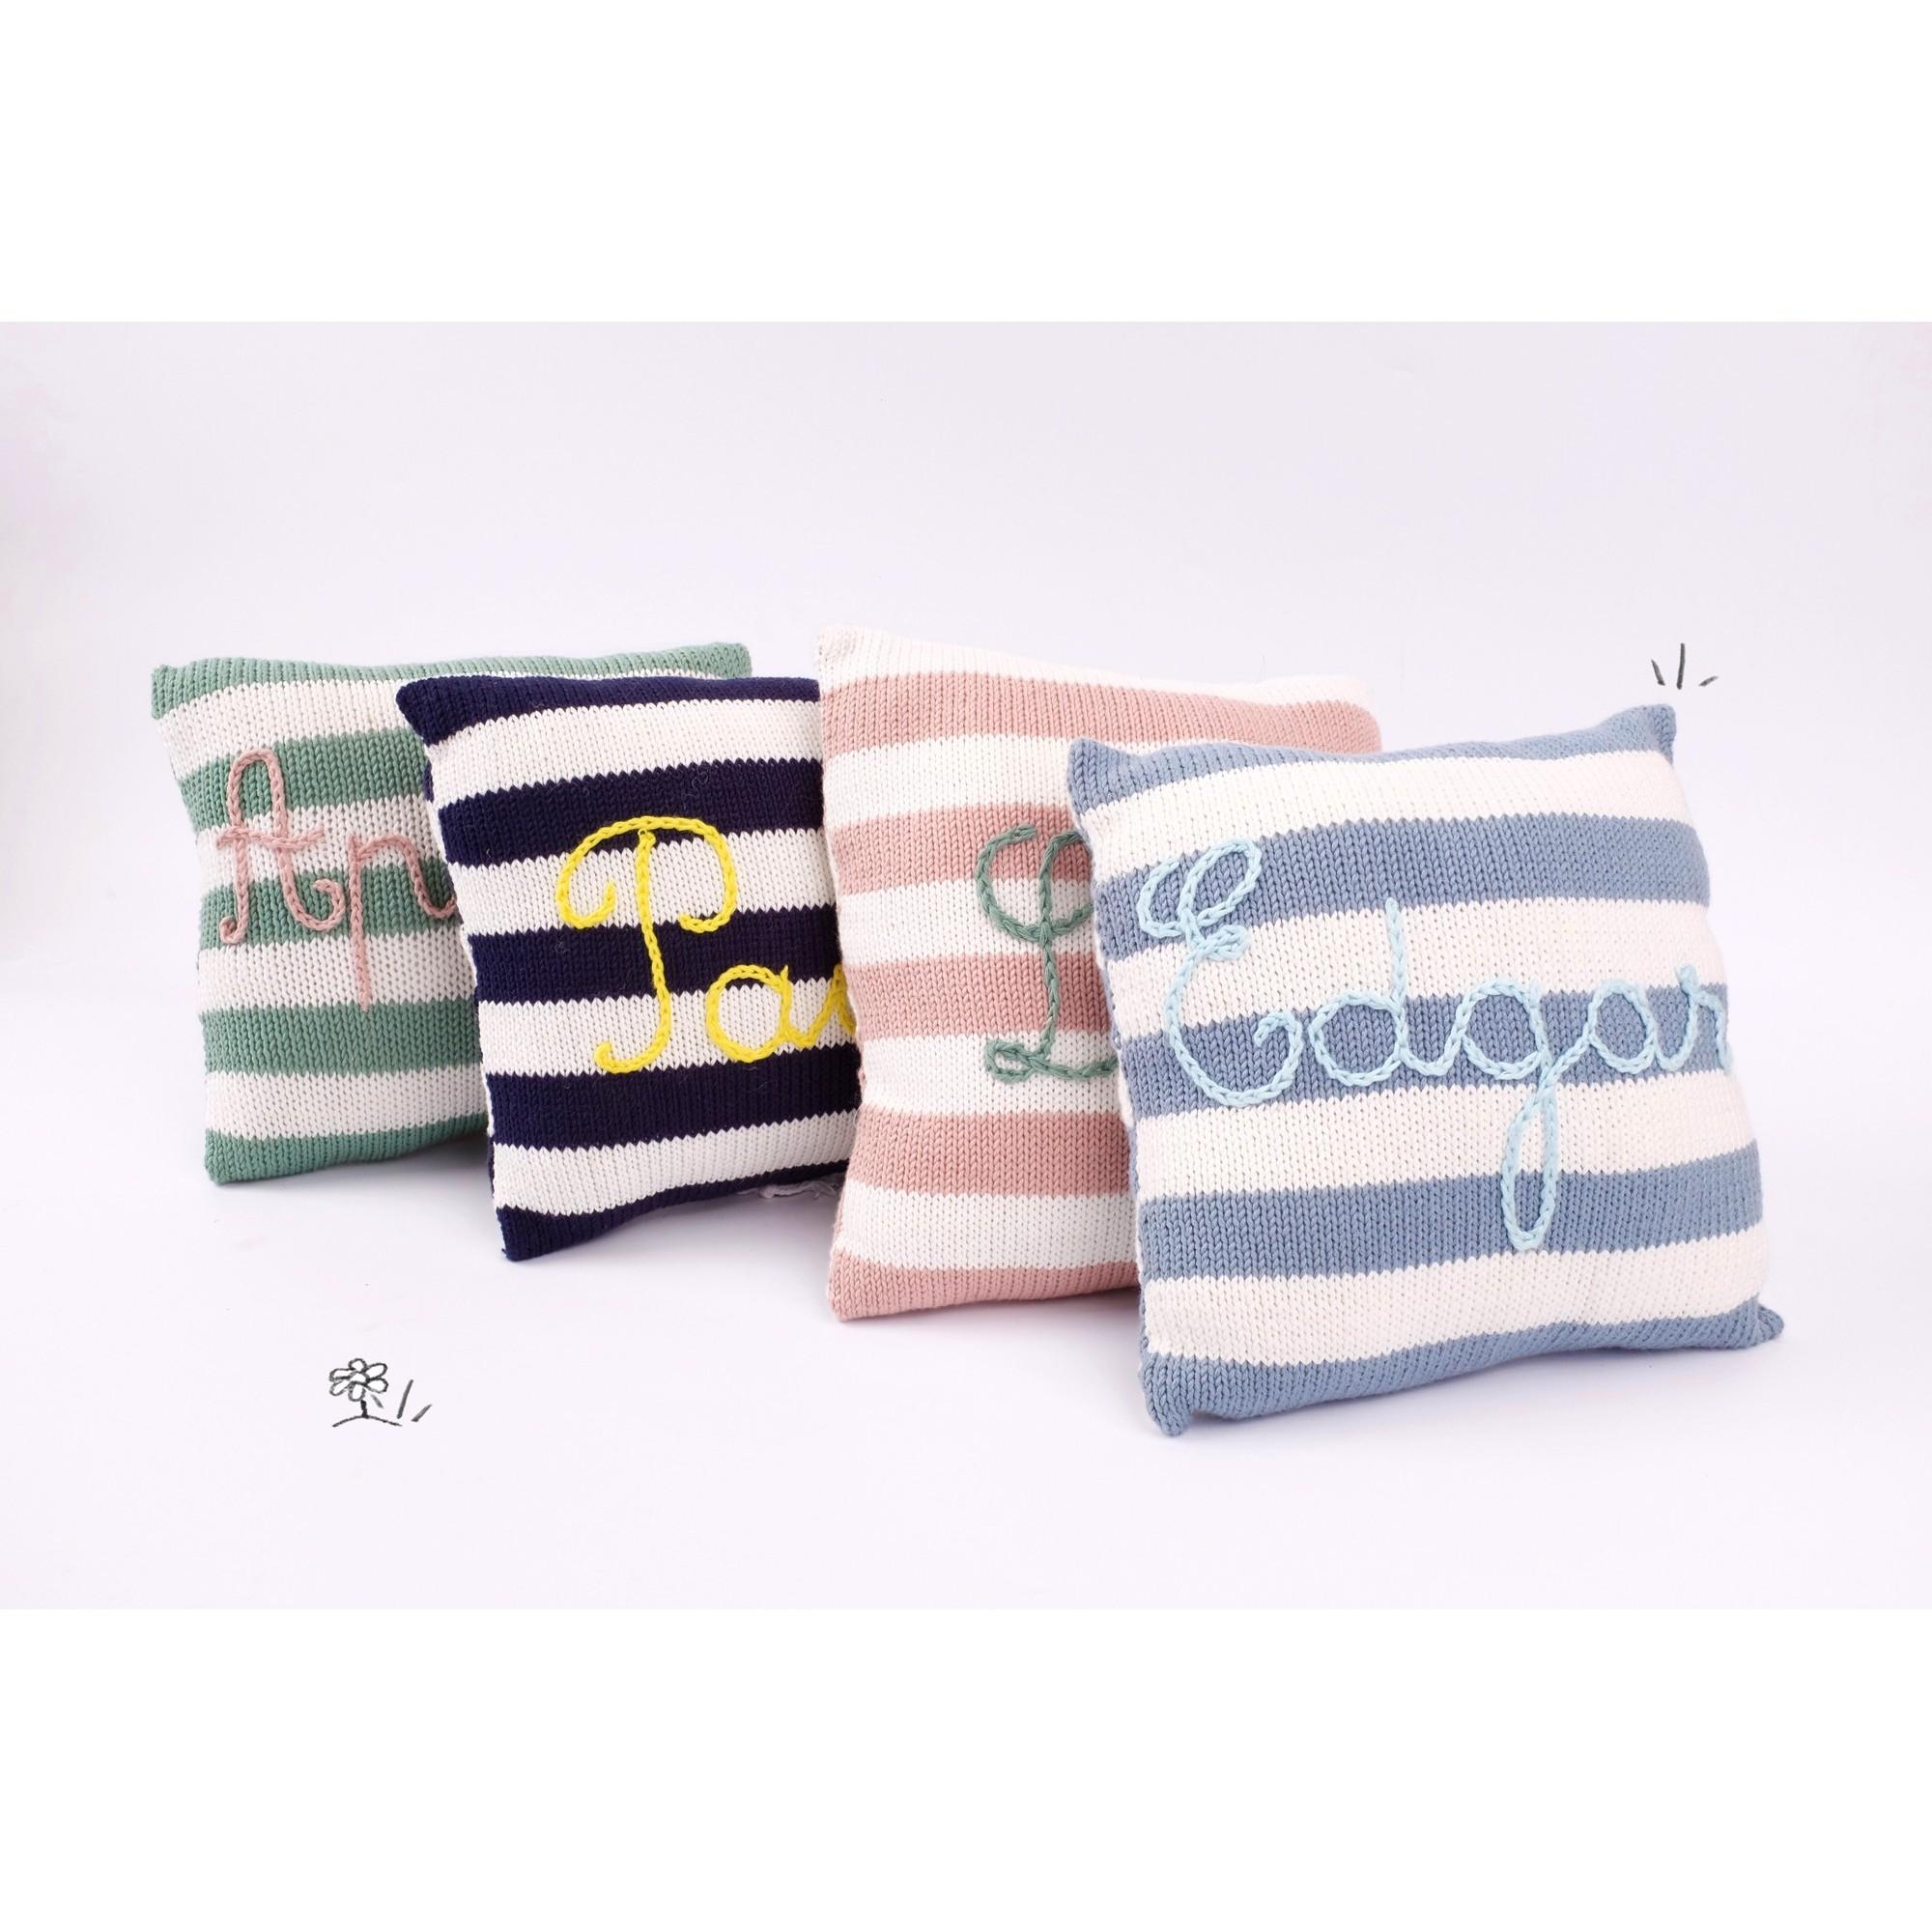 cadeaux de naissance personnaliser coussin tricot bleu ciel cru en coton a faire broder. Black Bedroom Furniture Sets. Home Design Ideas